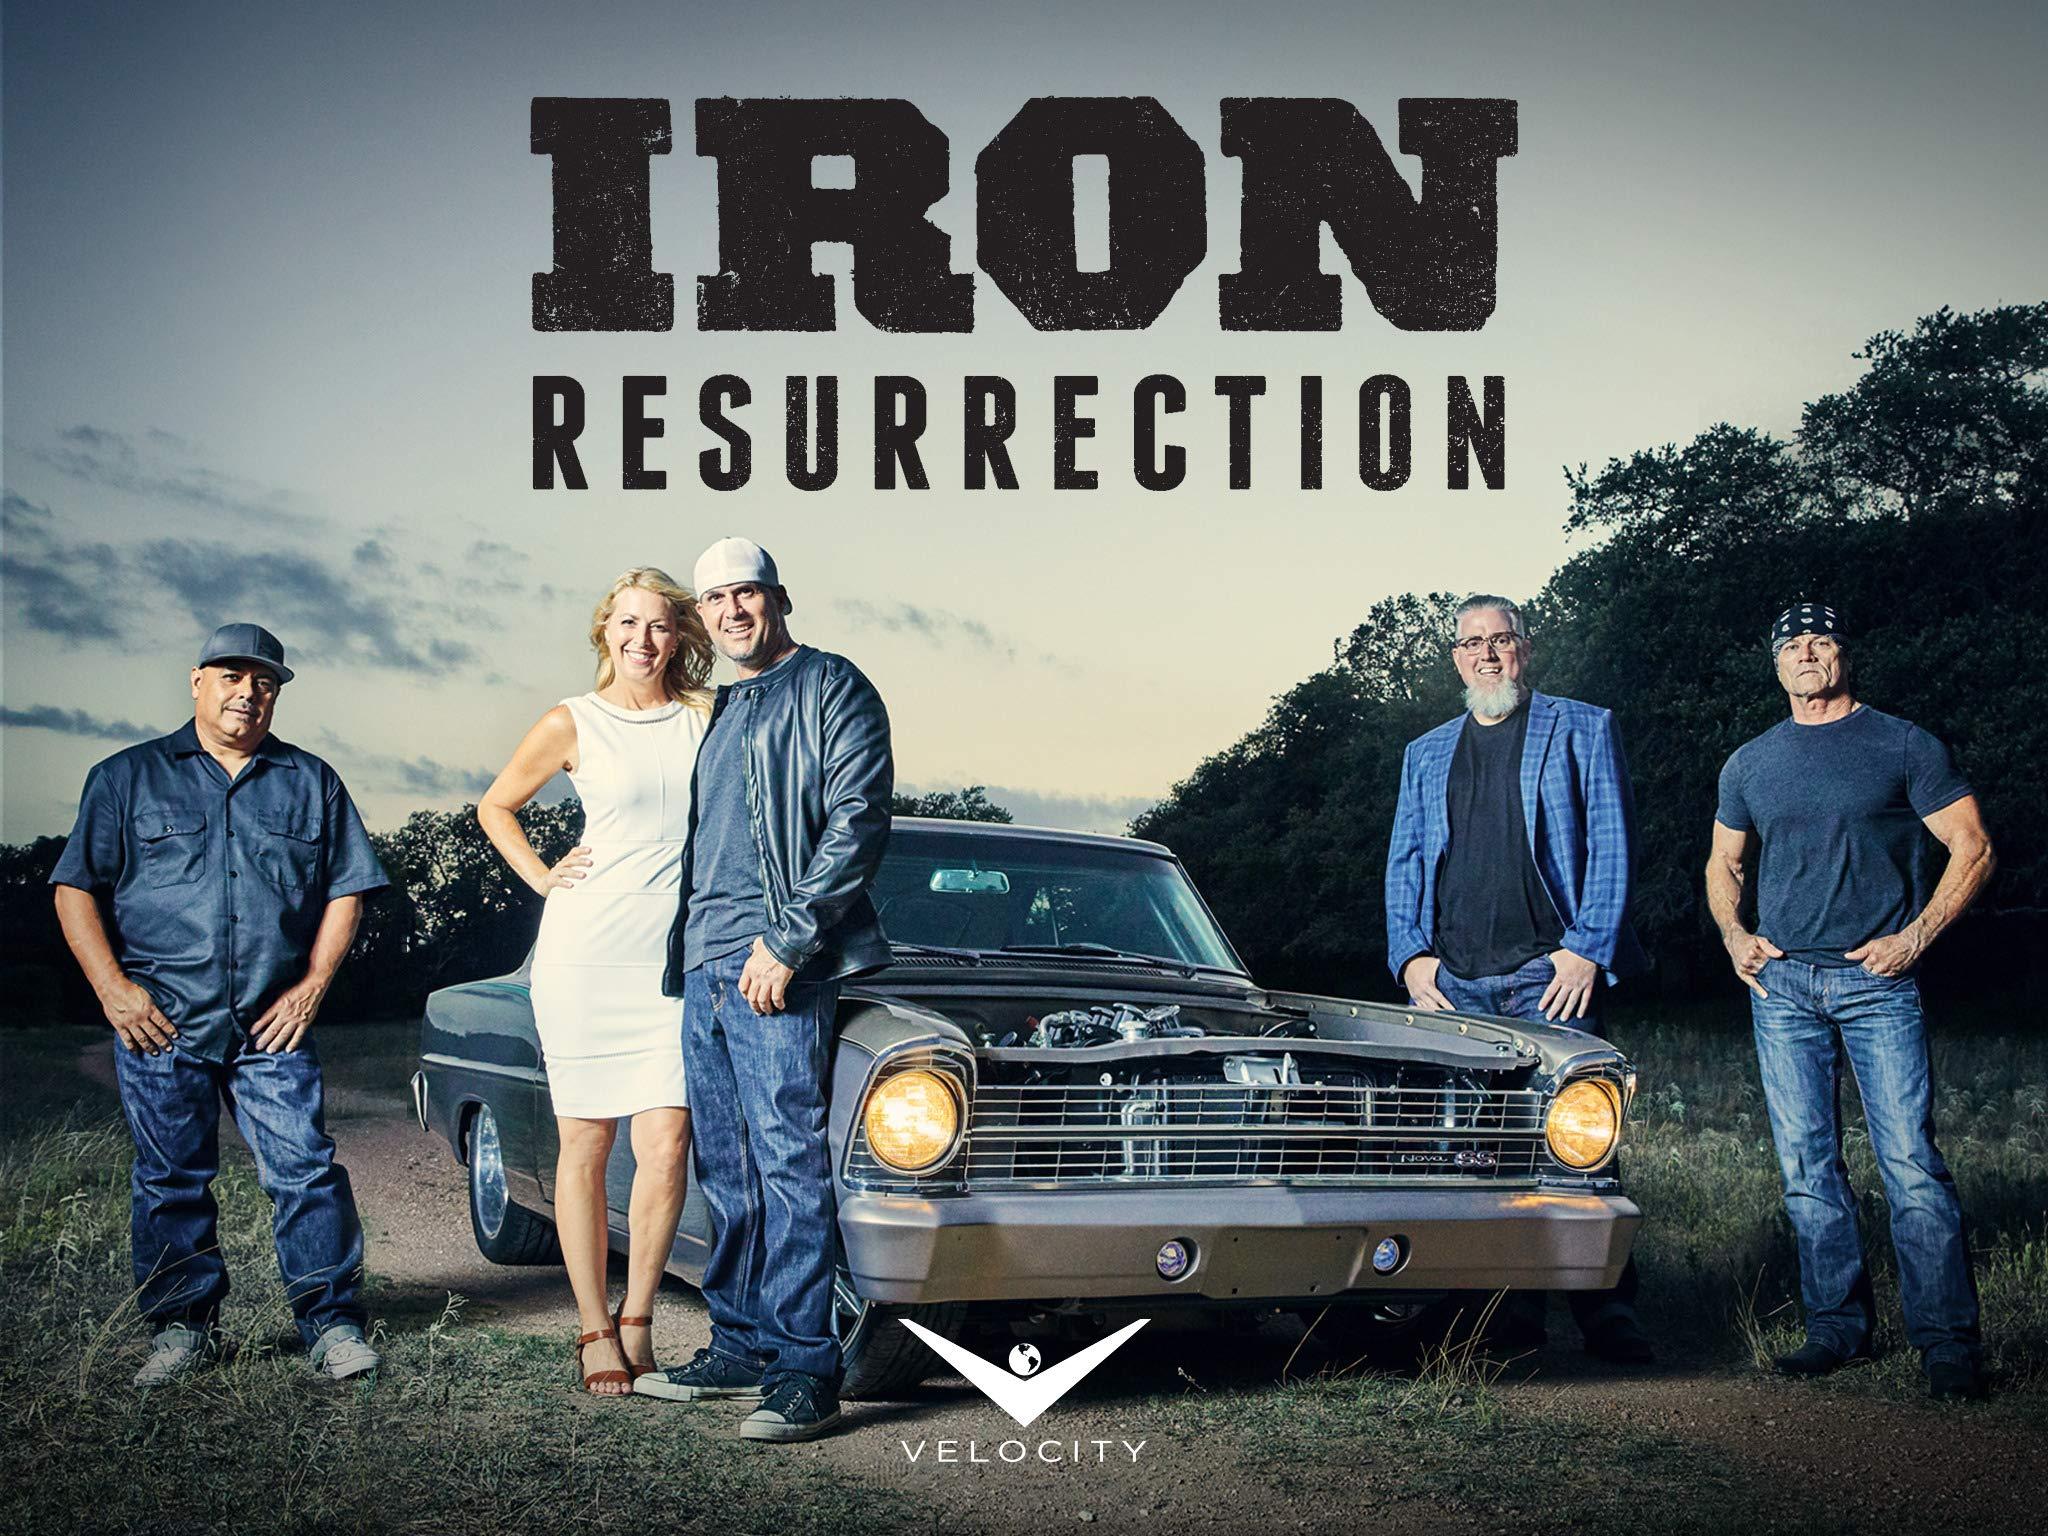 iron resurrection season 2 episode 8